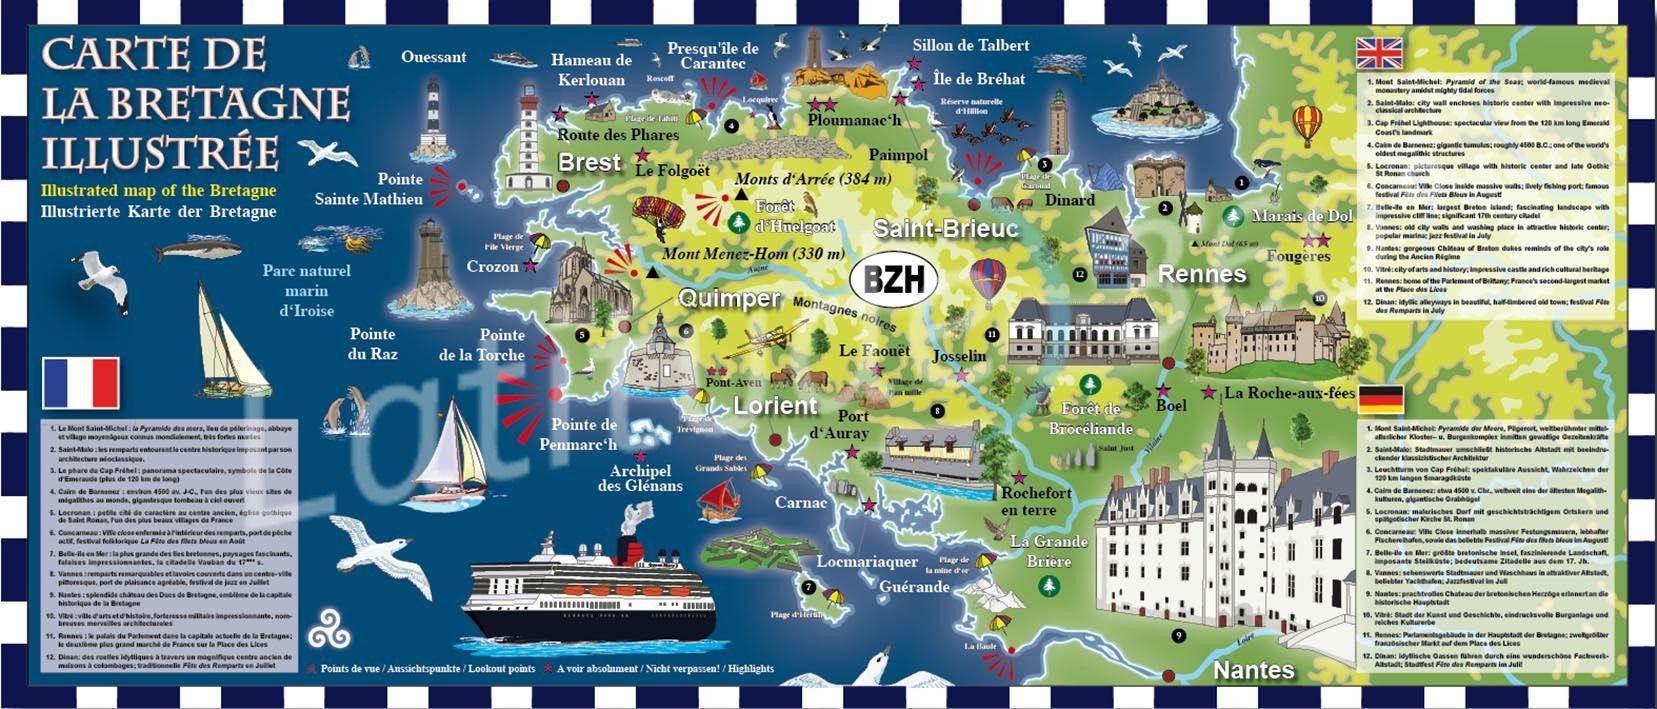 Carte de la Bretagne   Villes, relief, sites touristiques